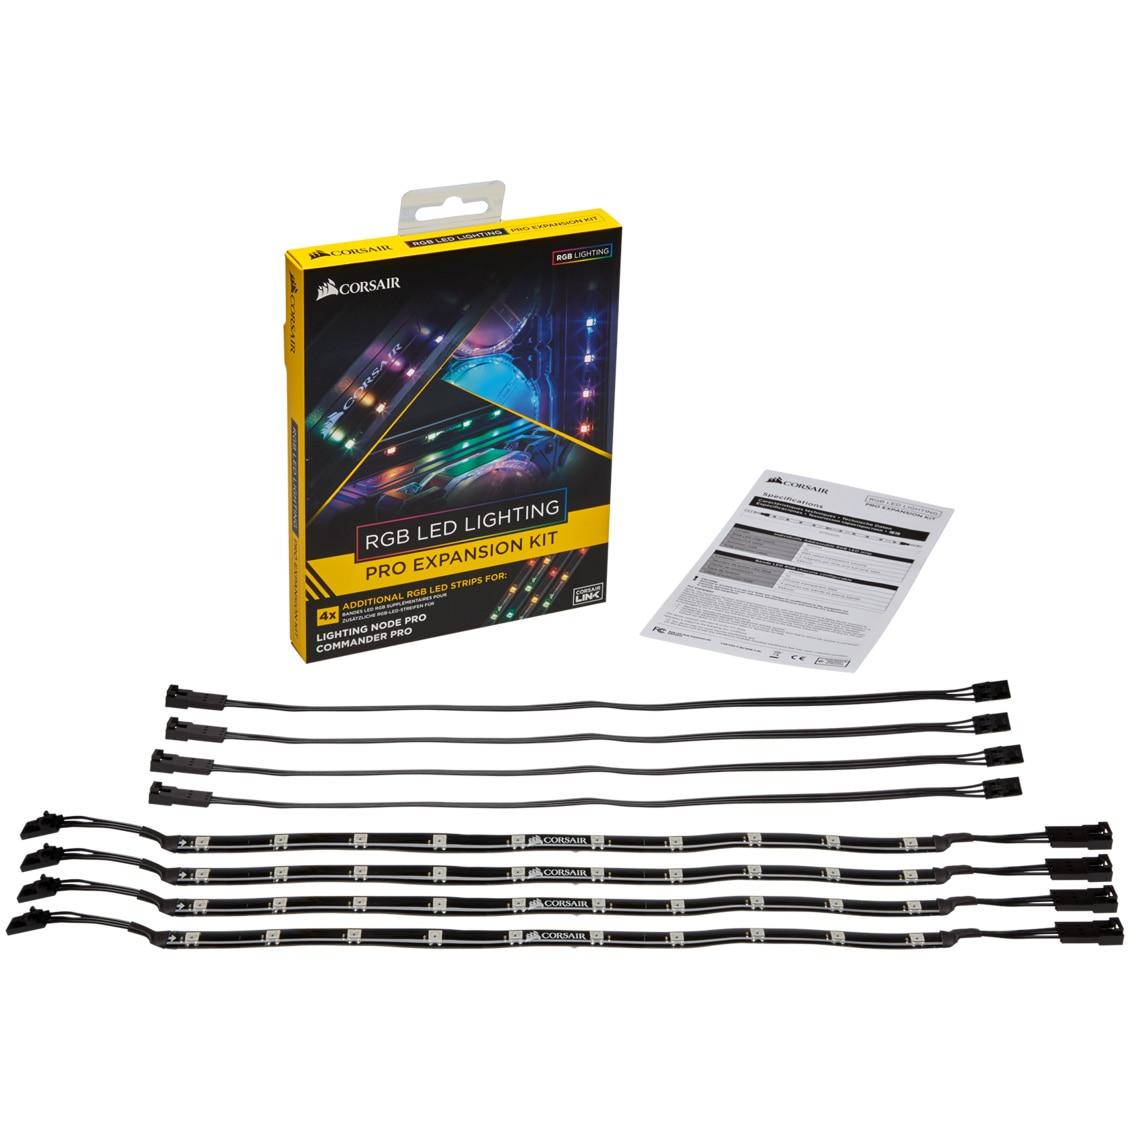 Fotografie CORSAIR RGB LED Lighting PRO Expansion Kit